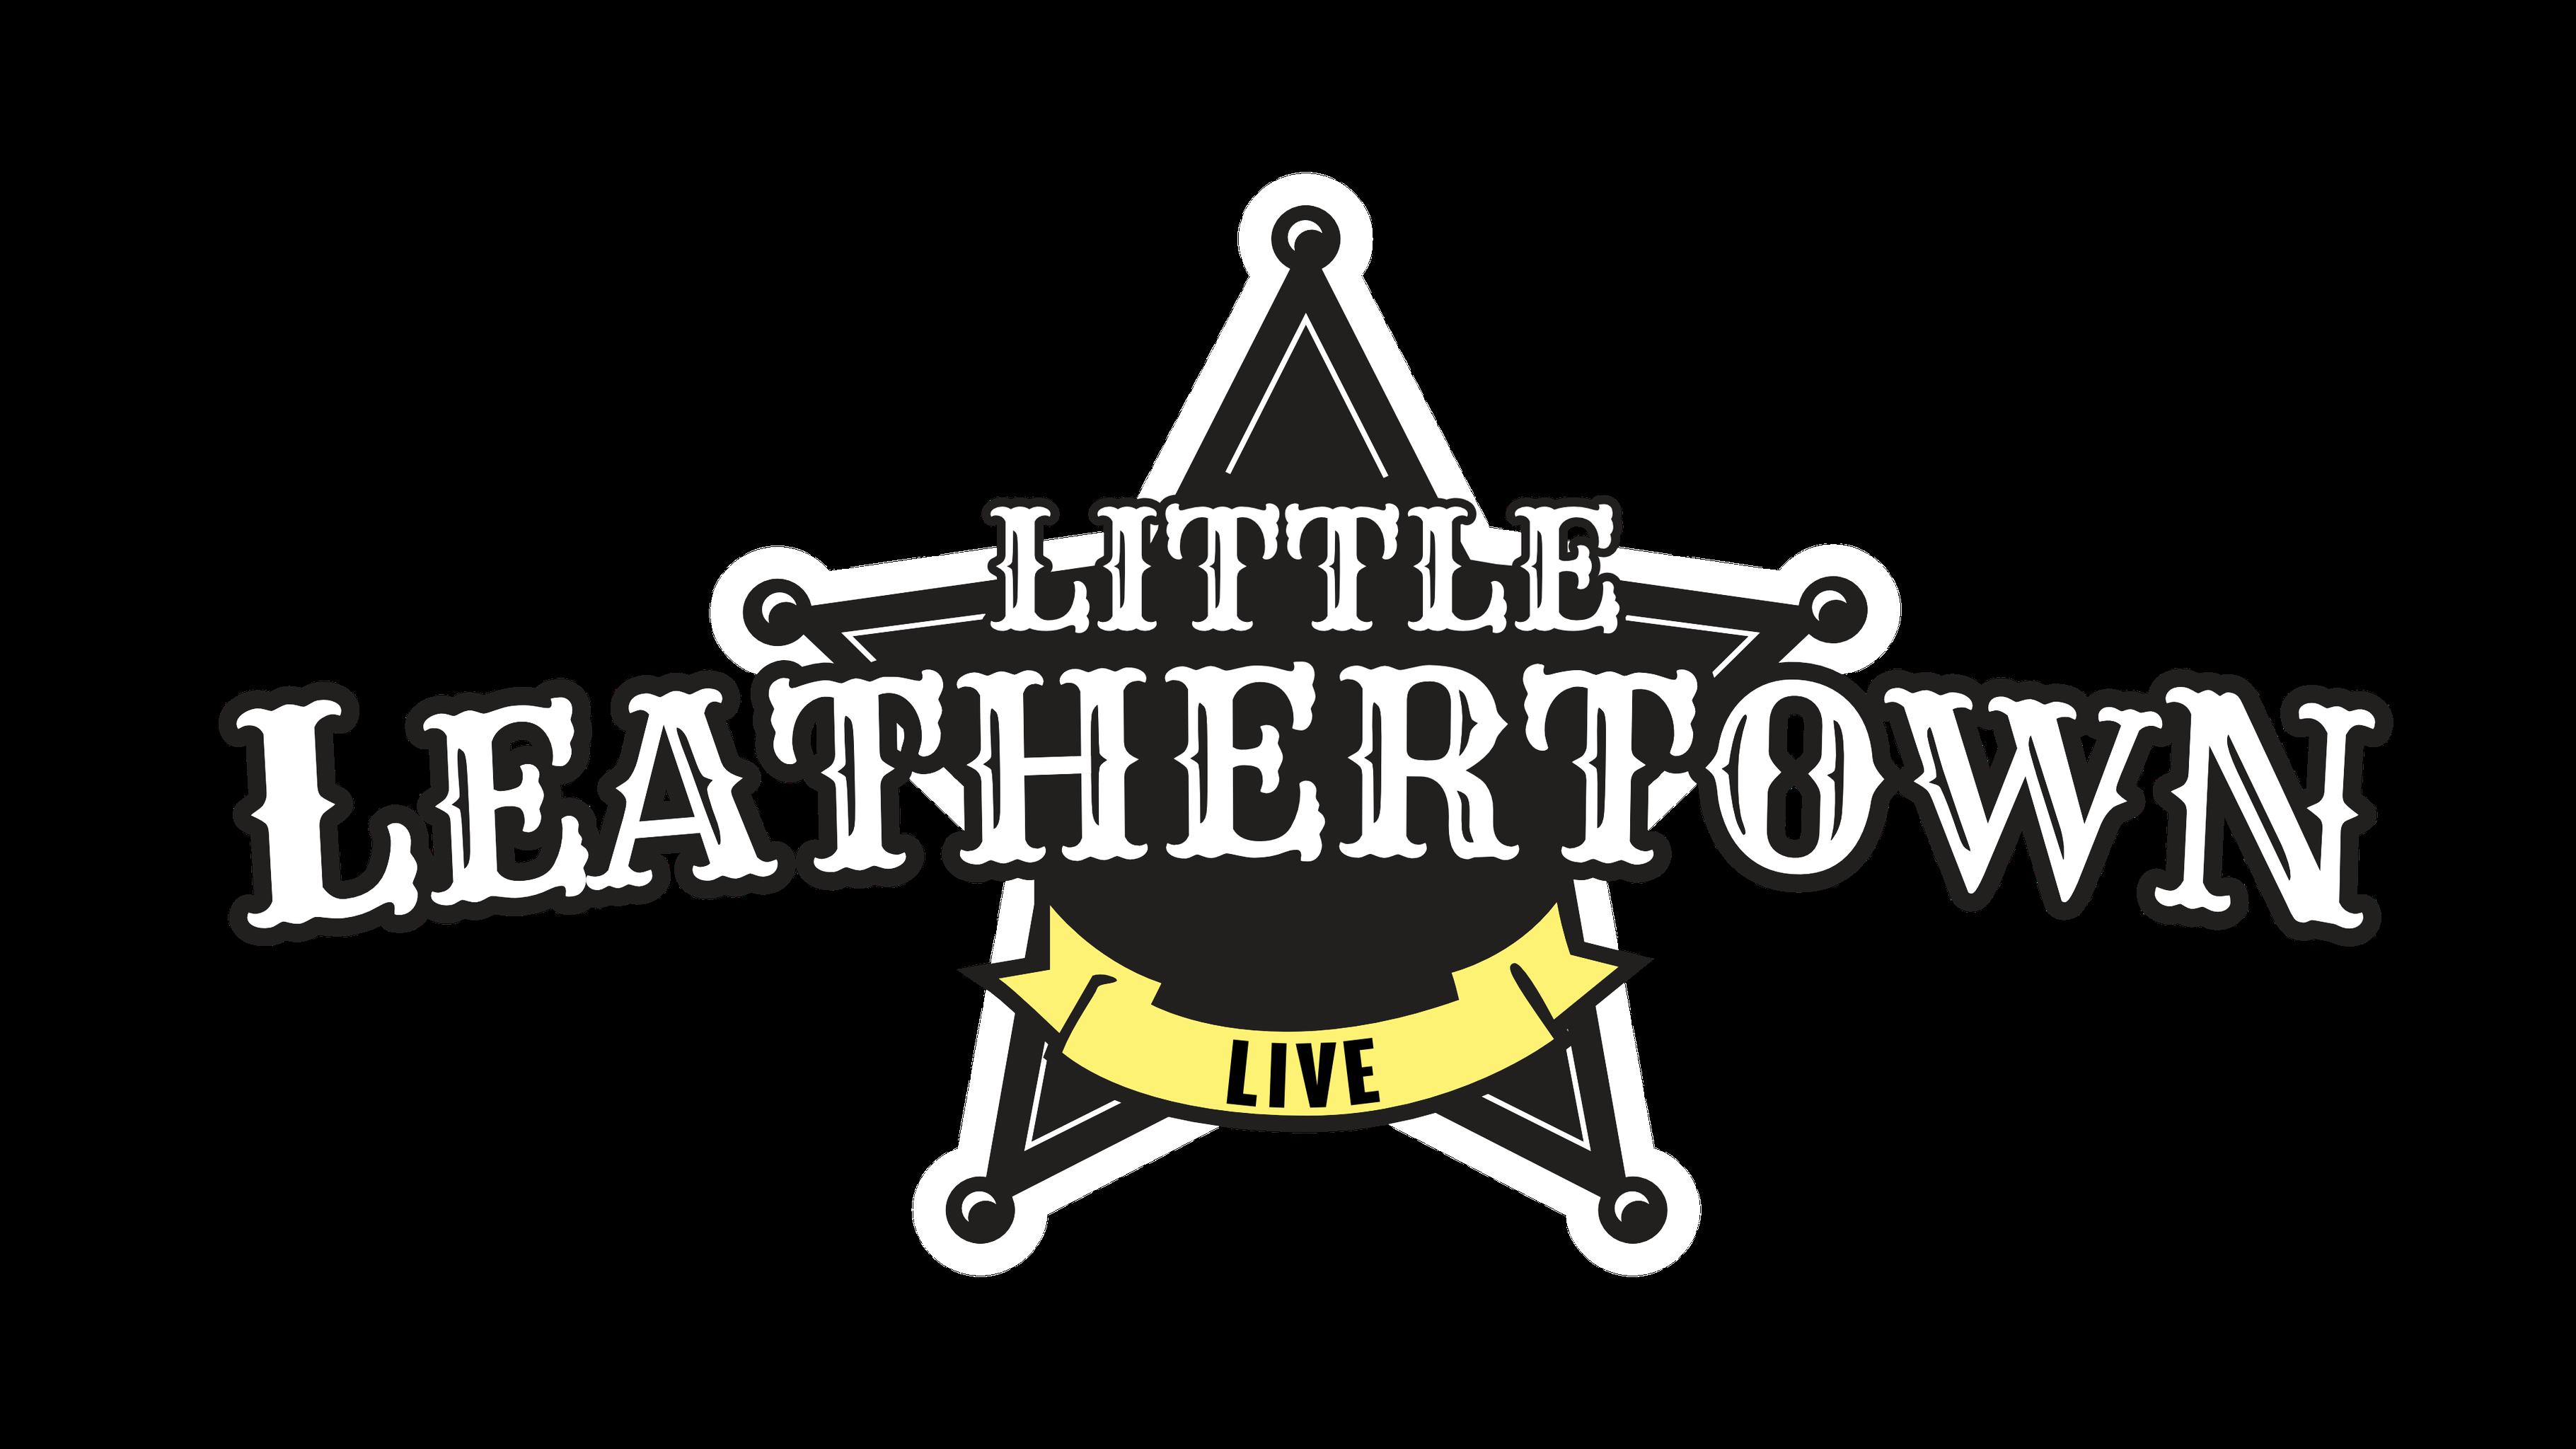 Little Leathertown